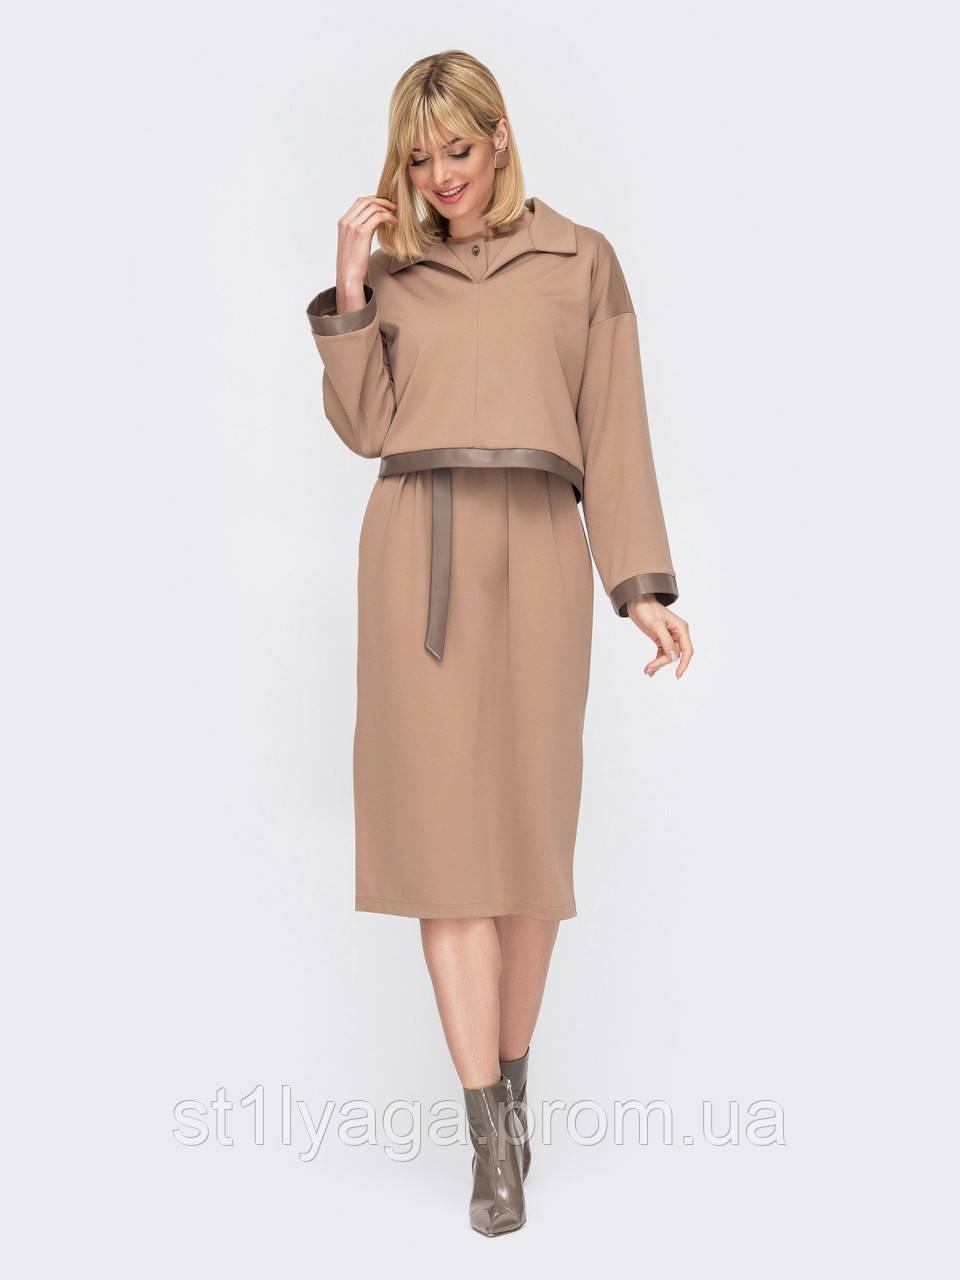 Трикотажный костюм из платья без рукавов и кофты